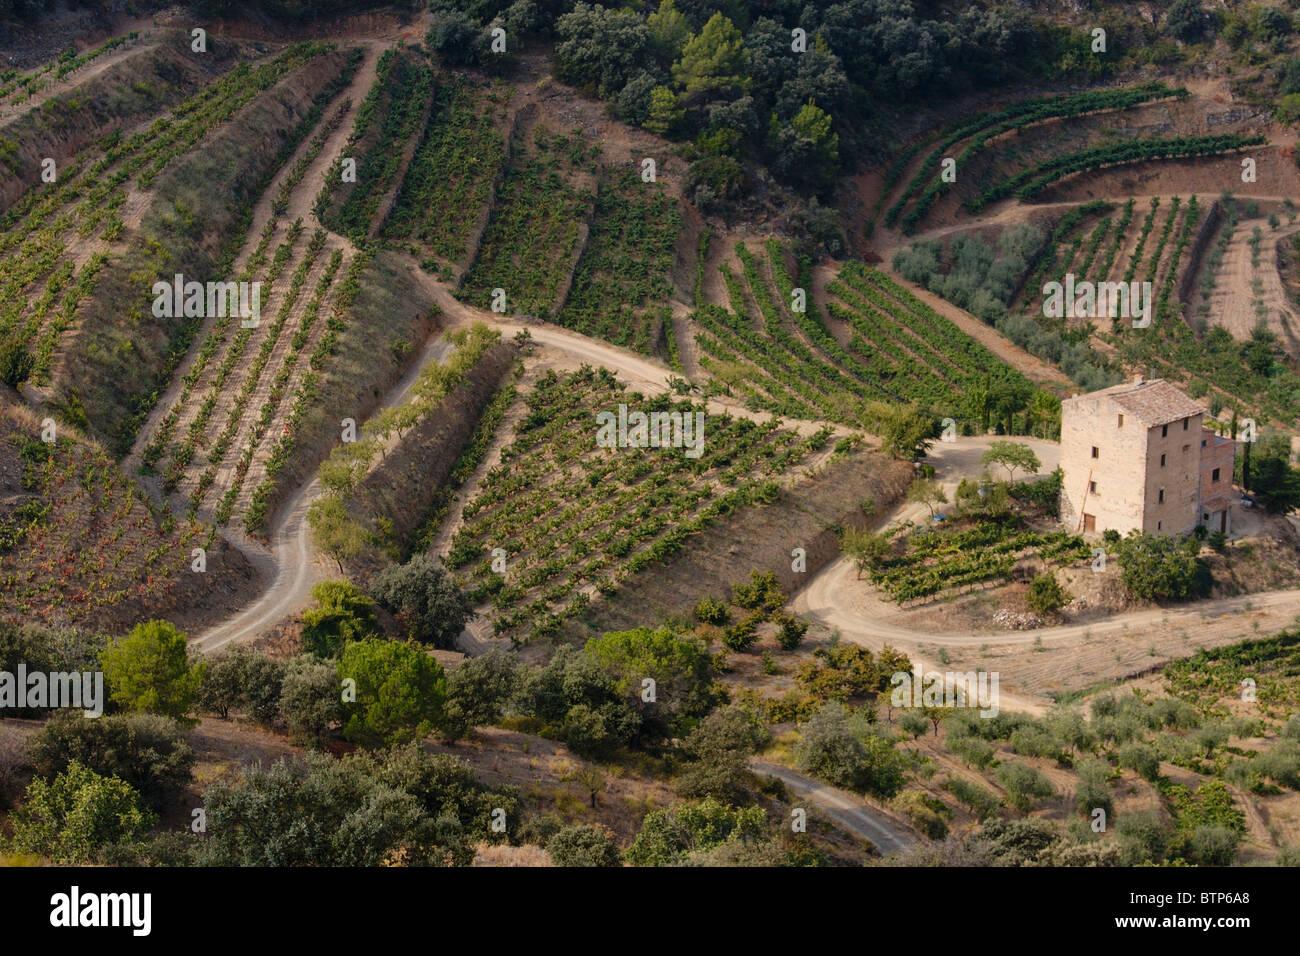 Spain, Catalunya, Priorat, Terraced Vineyards - Stock Image